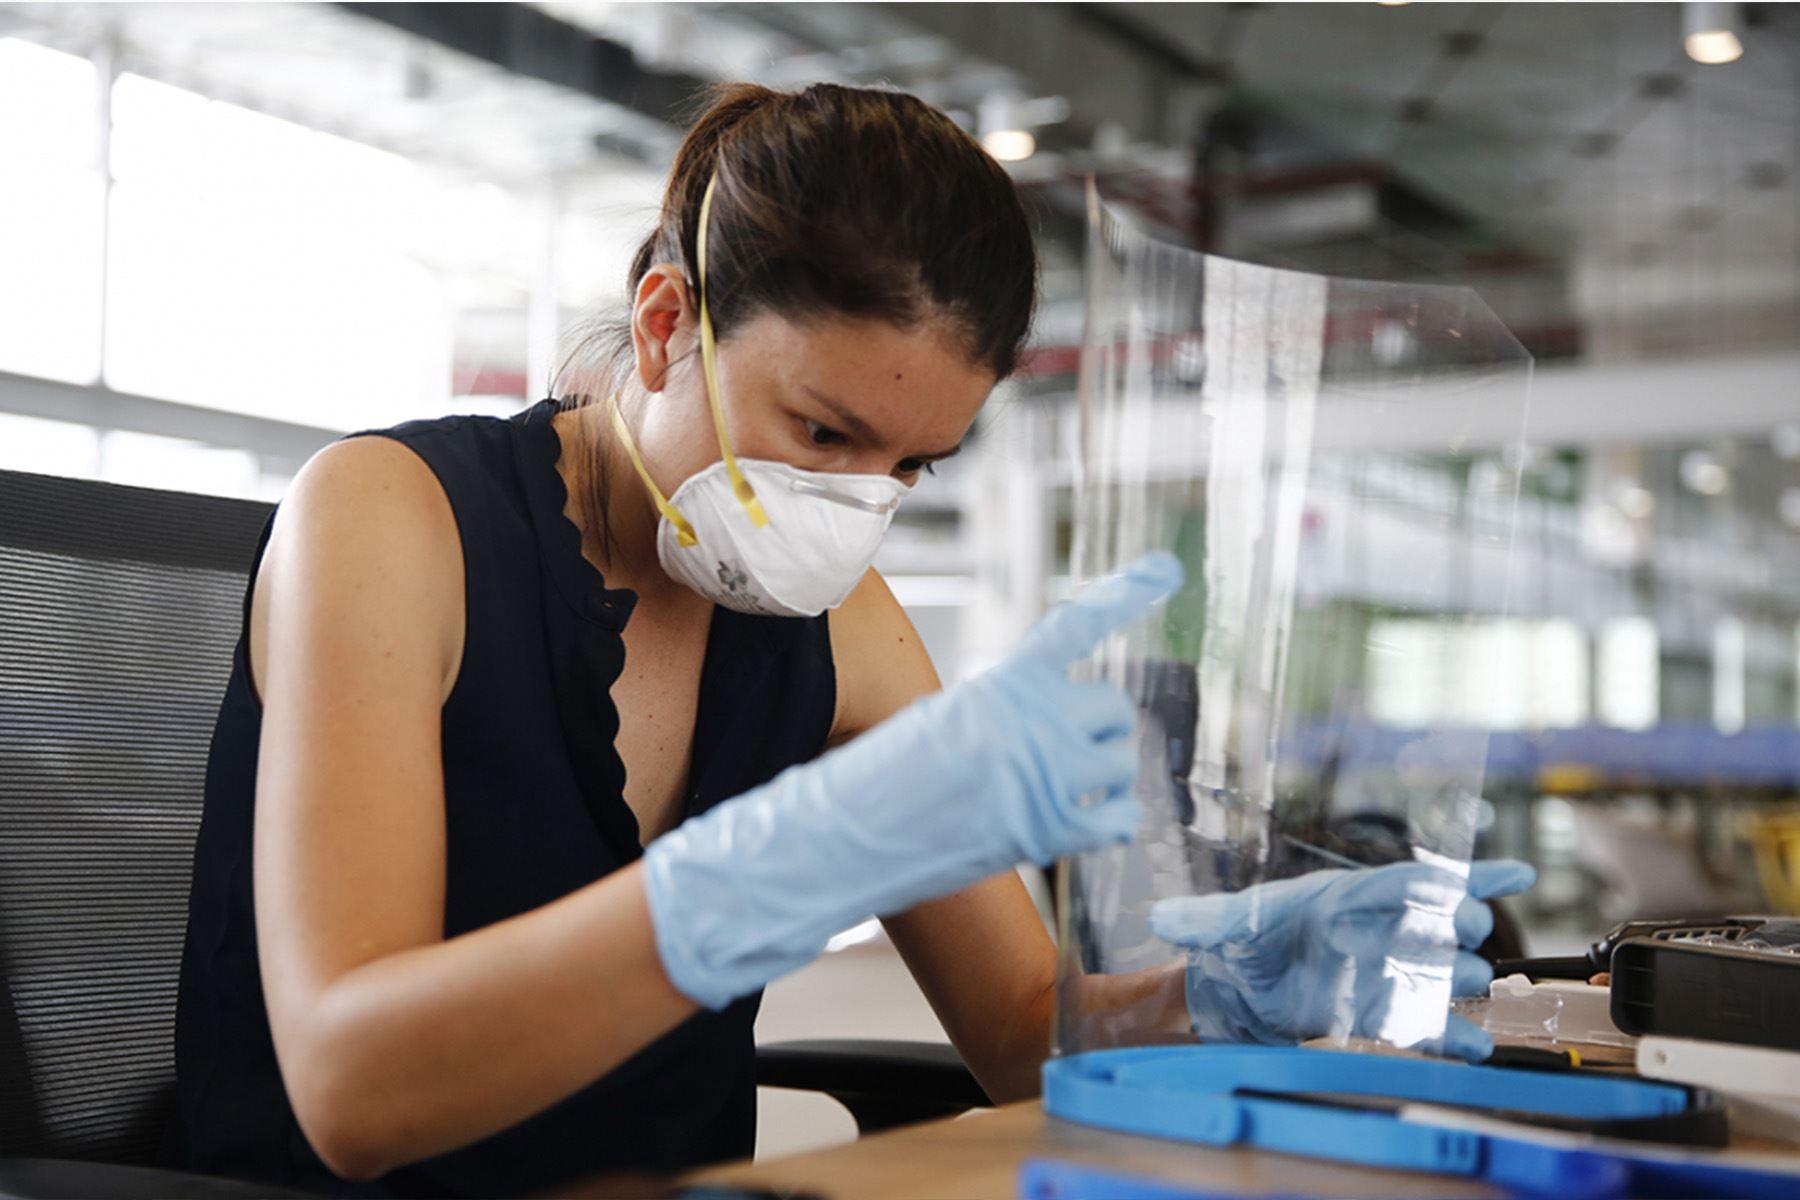 Laboratorios de fabricación digital ofrecen tecnología solidaria en tiempos de covid-19 | Noticias